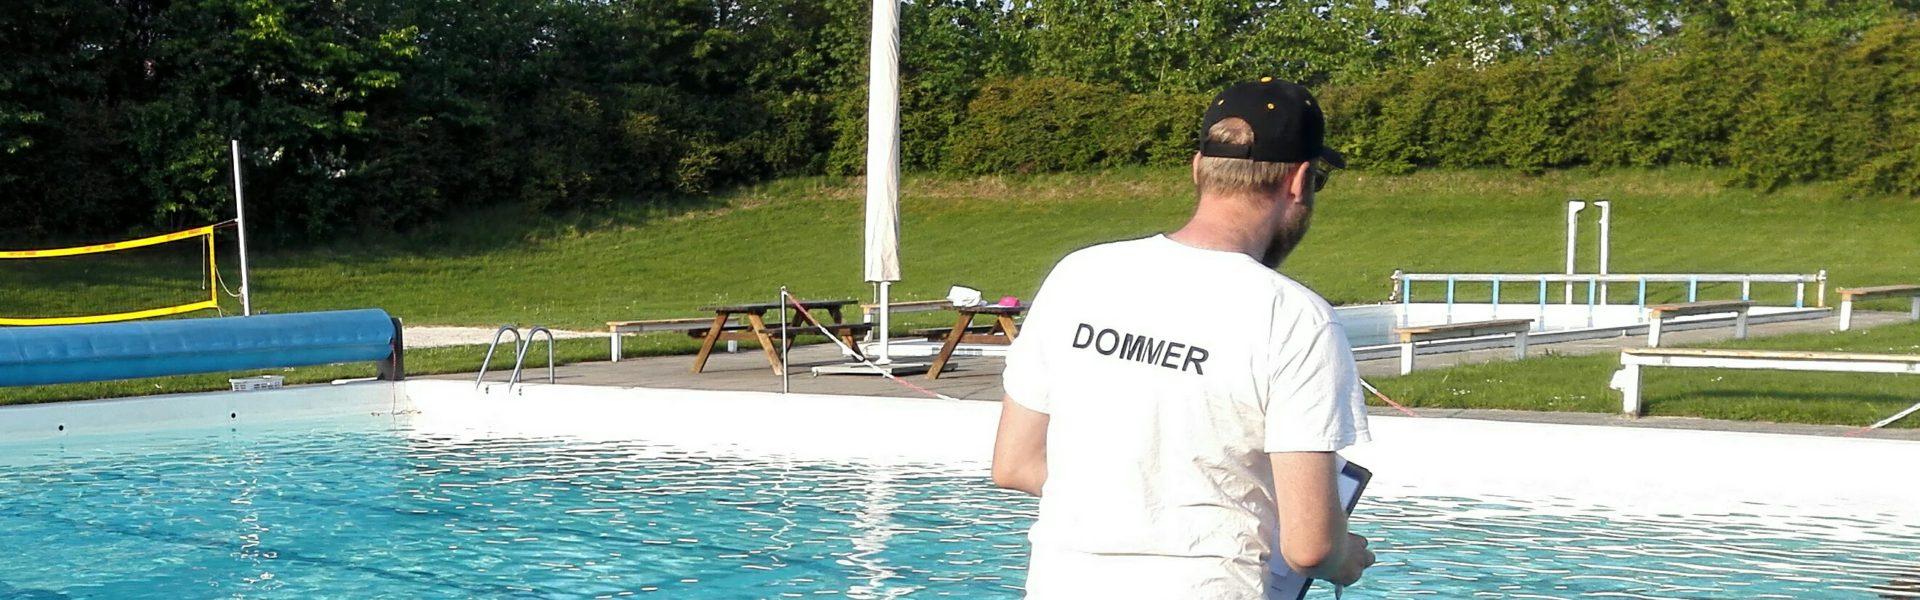 Bassinlivredderprøve, Friluftsbad - Livredderklub Midtjylland